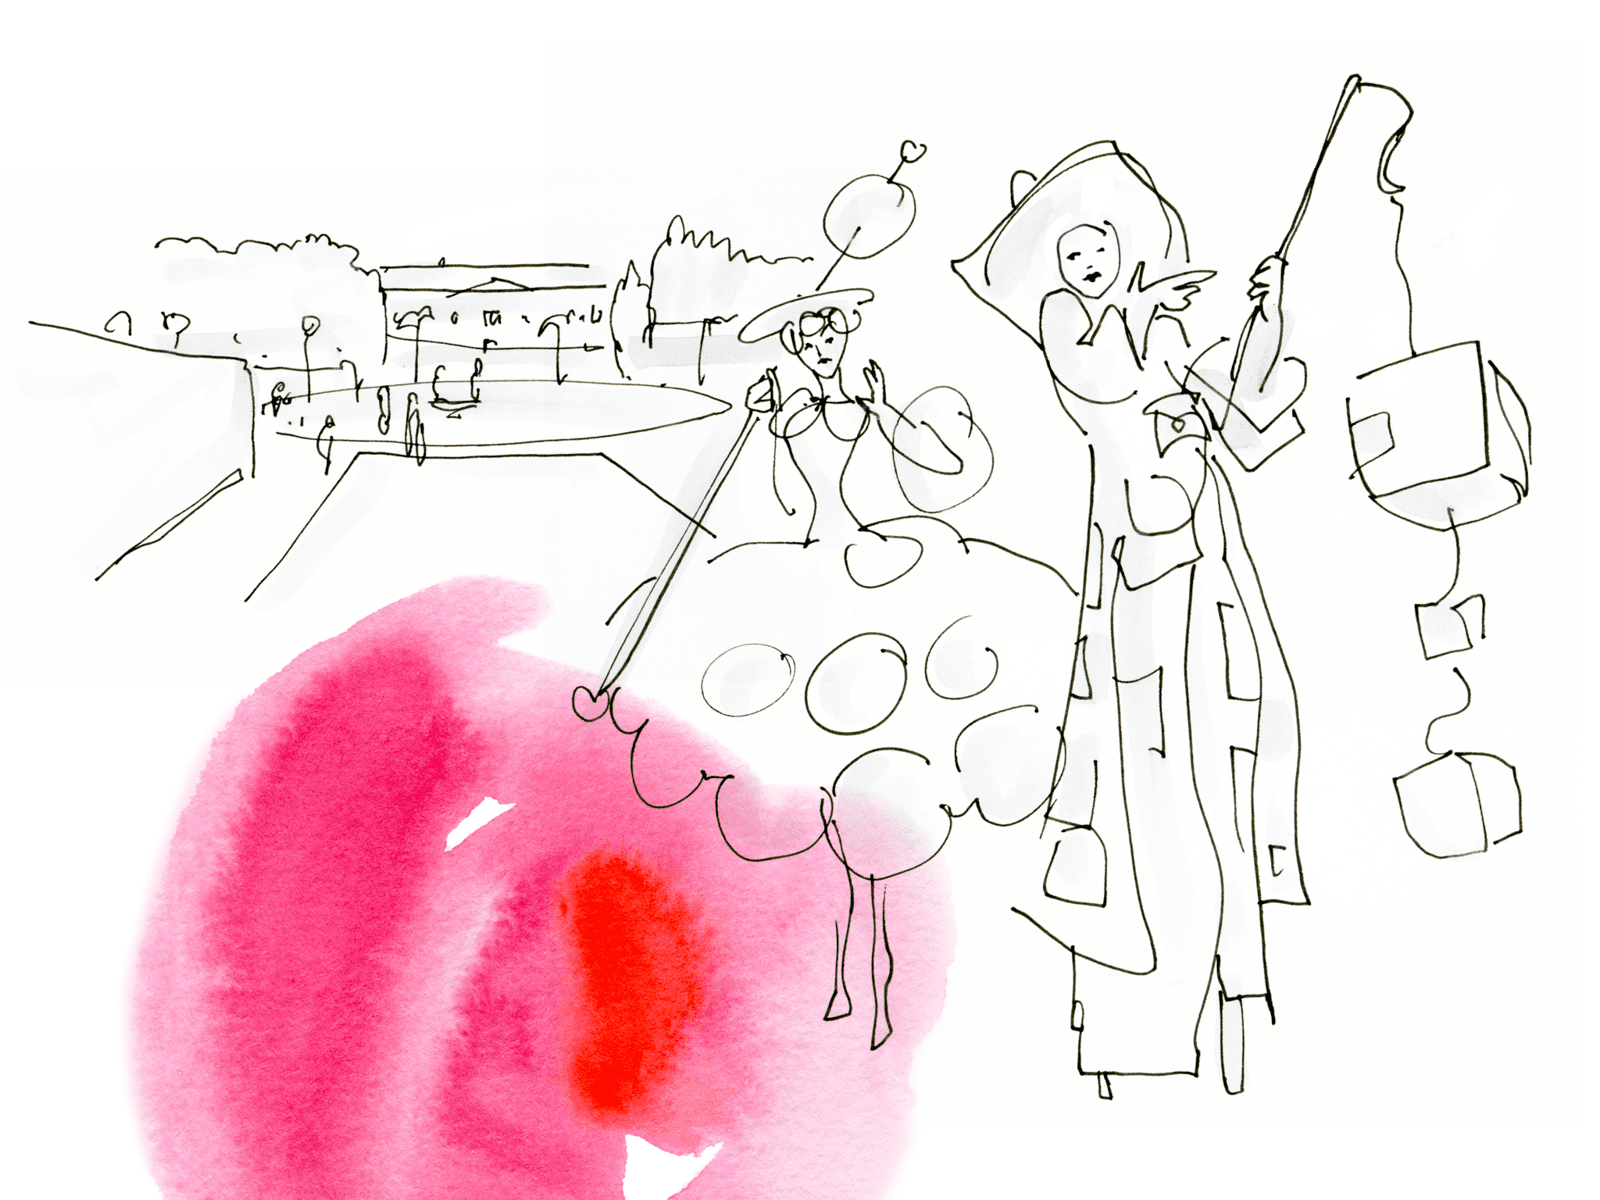 Eine weiß gehaltene Zeichnung von zwei Frauen in extravaganten Kostümen. Am Rand rötliche Farbkleckse.